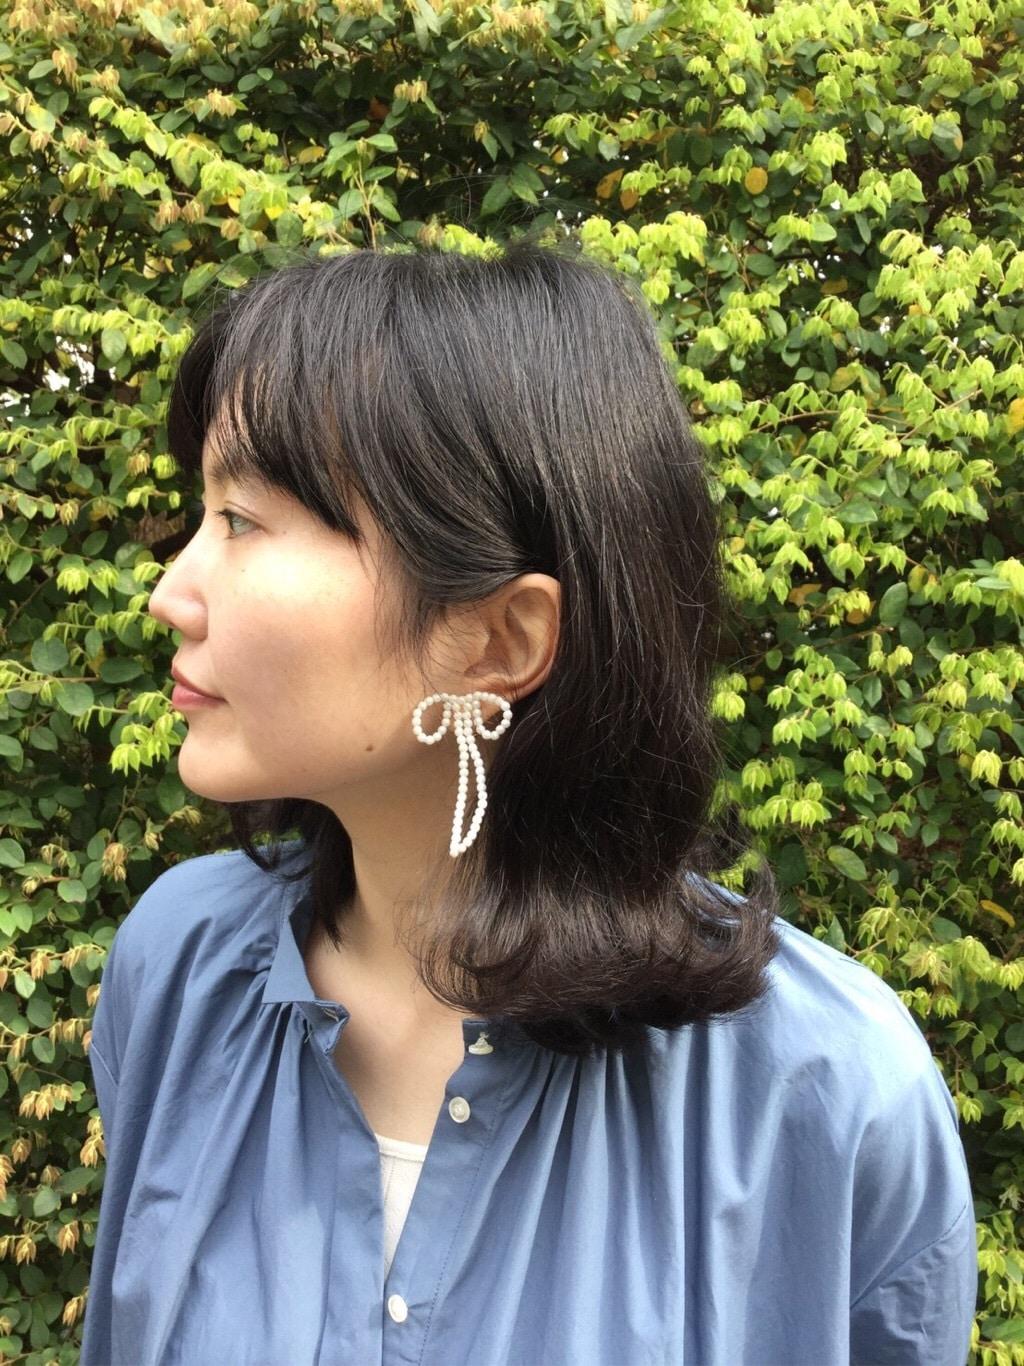 l'atelier du savon 代官山路面 身長:157cm 2020.04.14